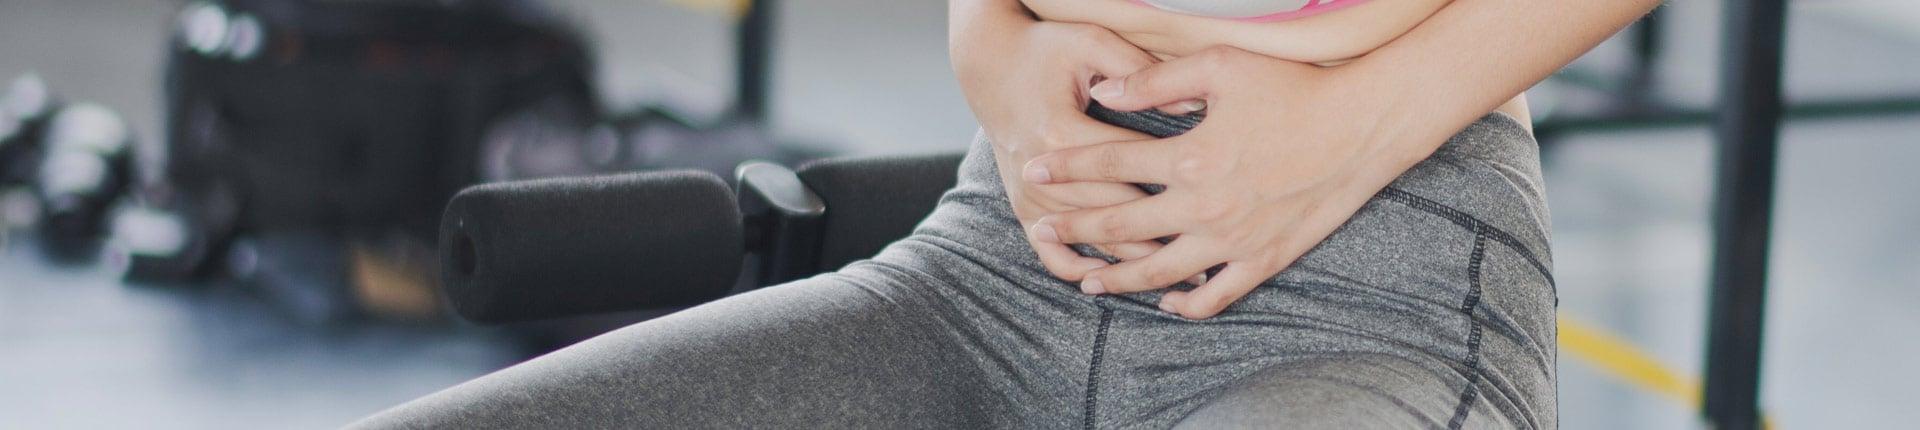 Ból brzucha podczas treningu? Poznaj 5 najczęstszych przyczyn